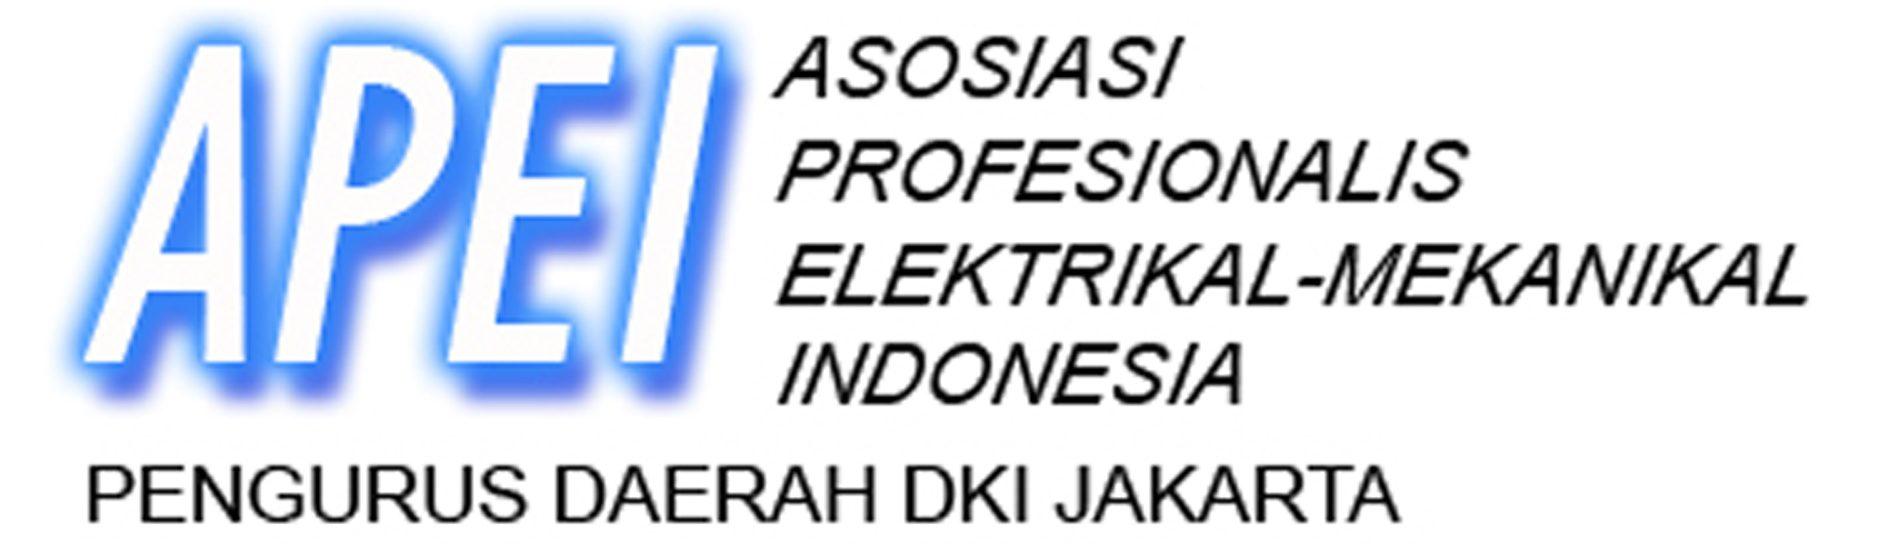 APEI DKI JAKARTA